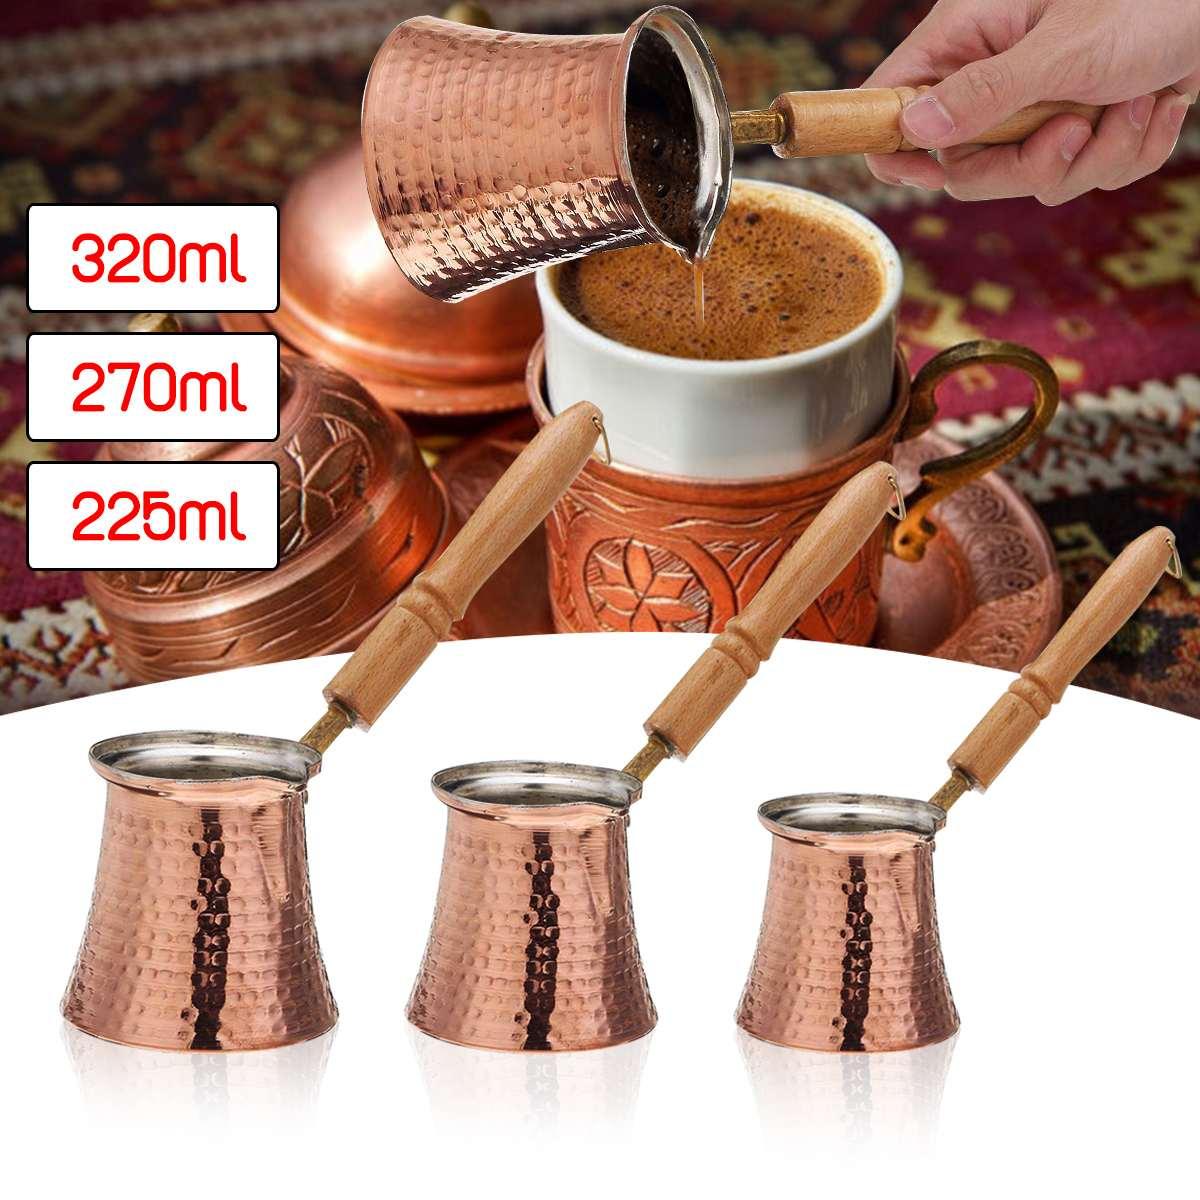 3 размера кофейная деревянная ручка Cevze Turk Турецкий кофейник турецкий медный кофеварка для Терка Cezve кафетерий